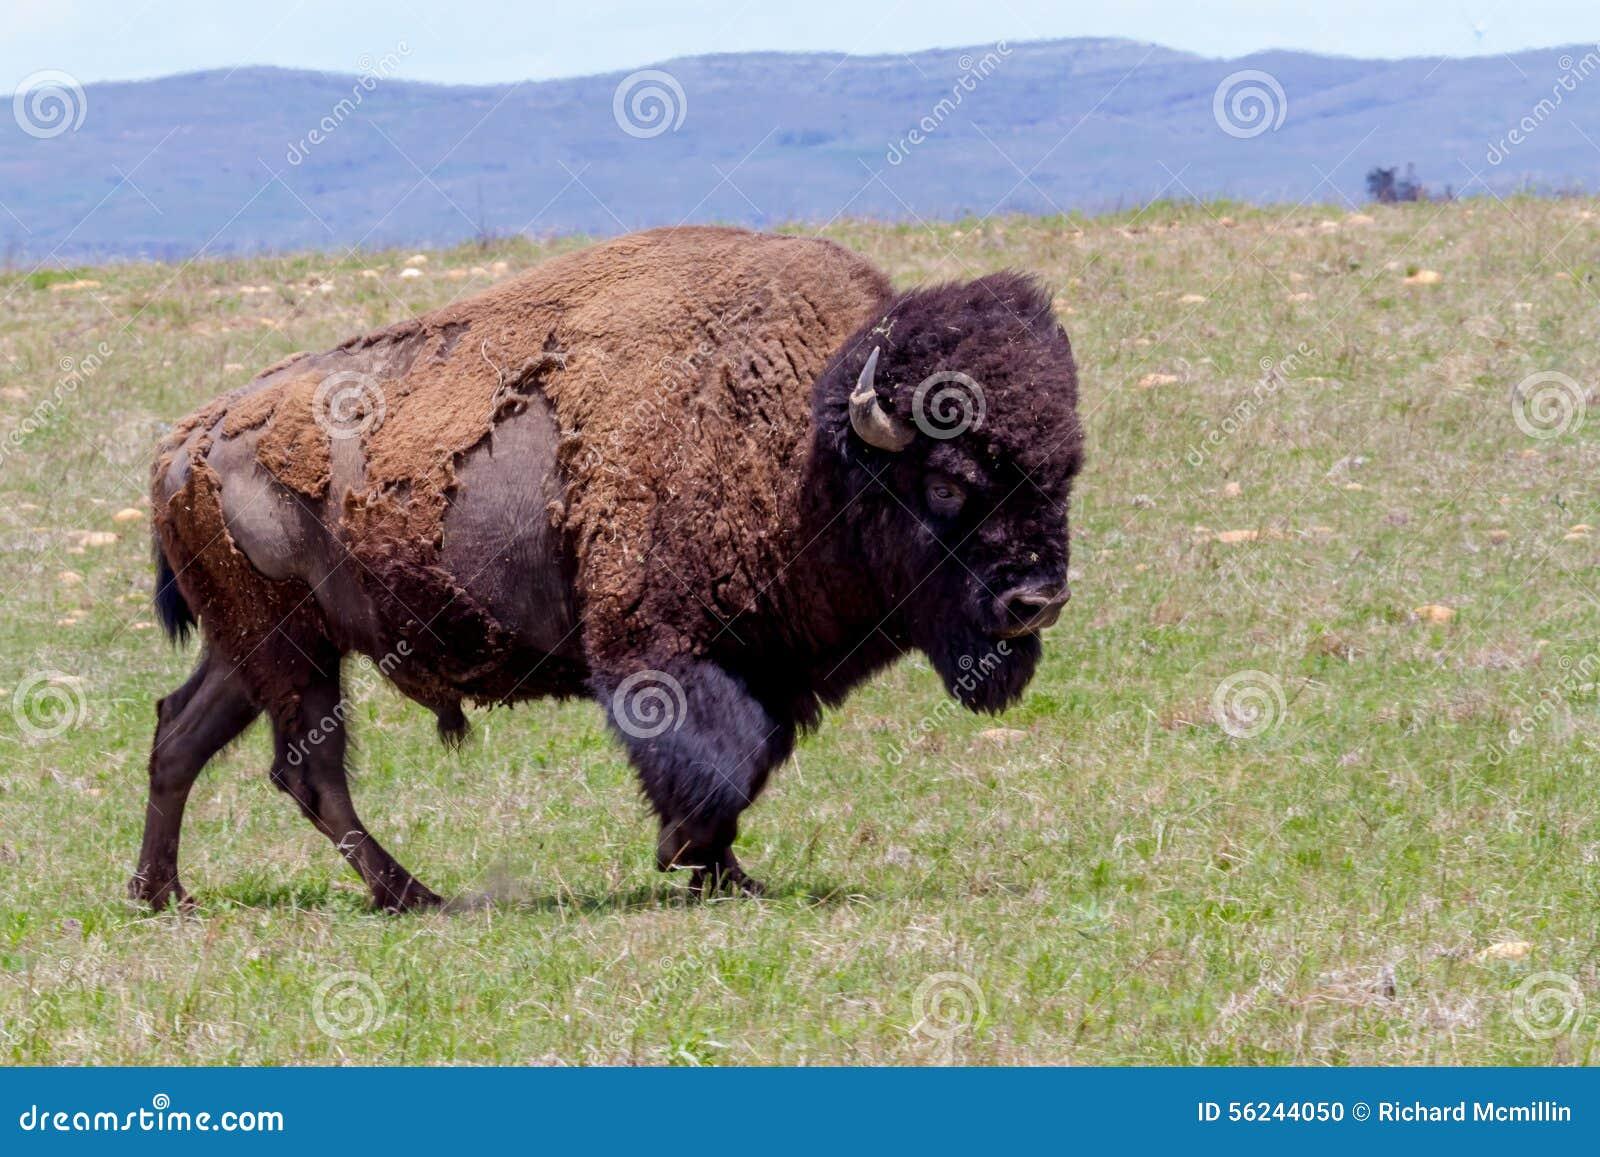 Bison Oklahoma Oklahoma Buffalo, Or A...